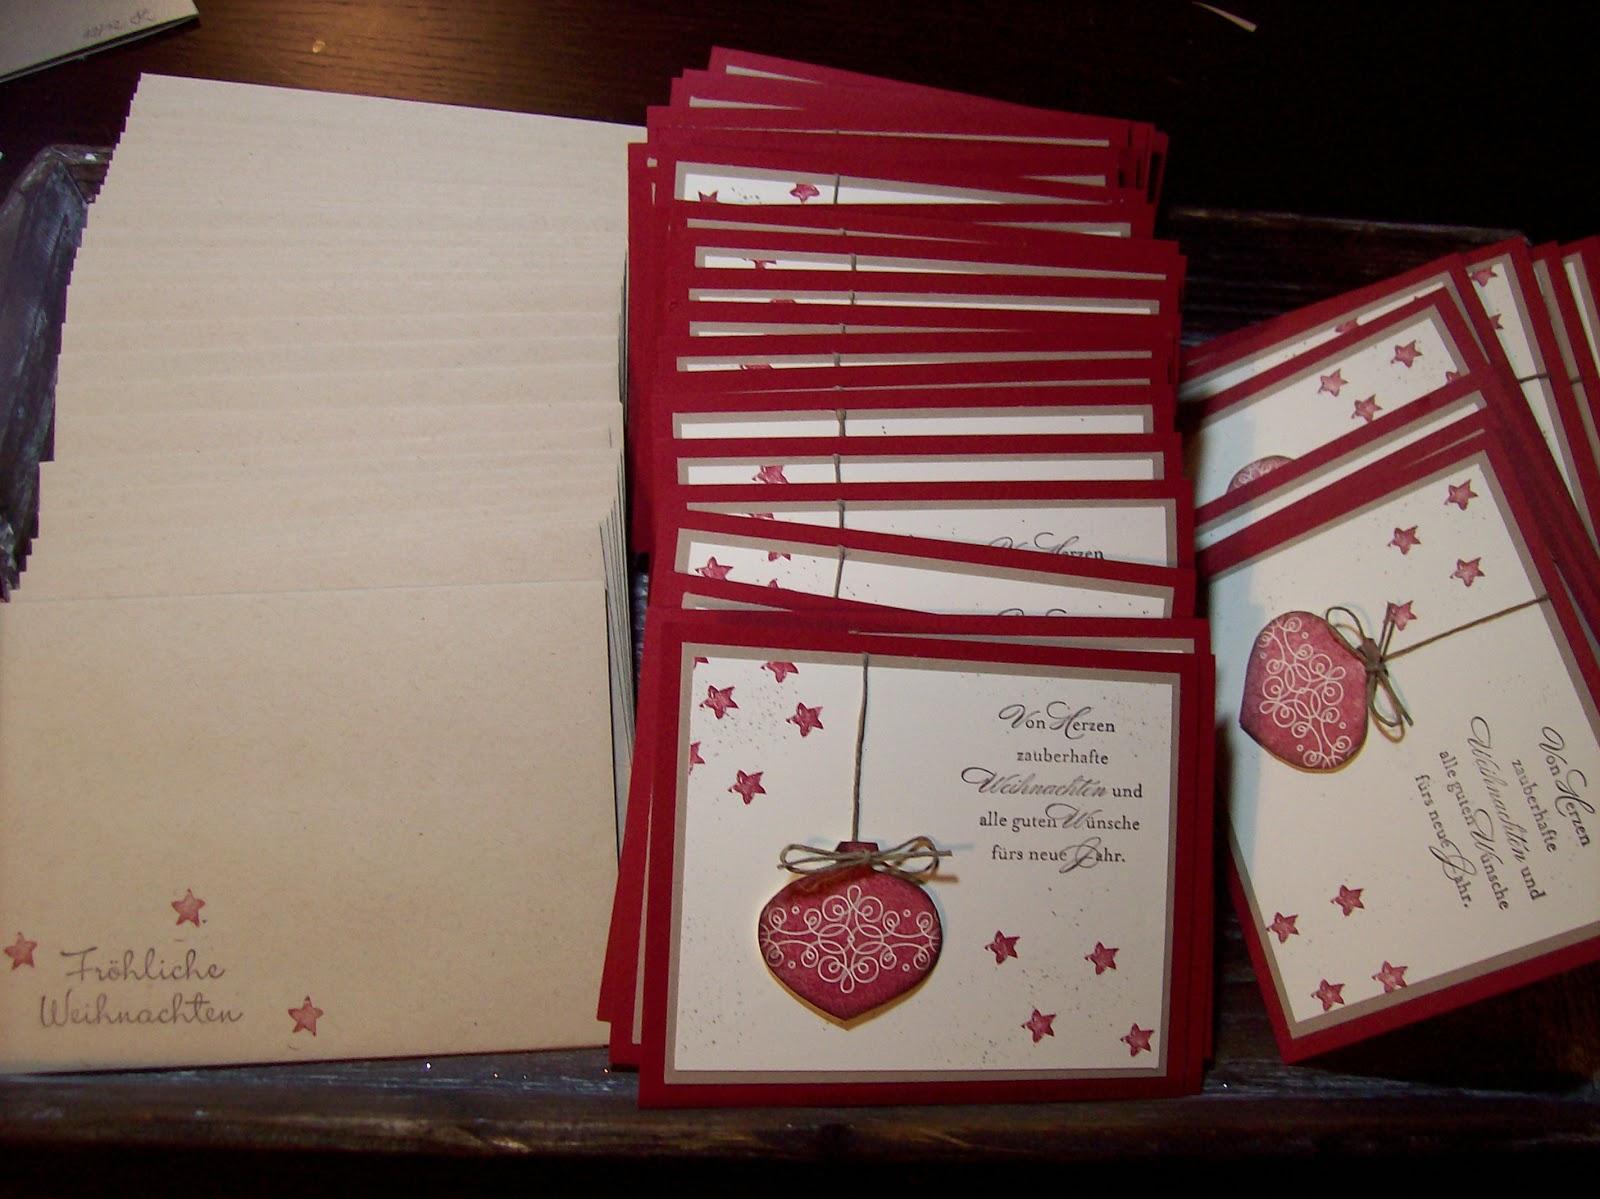 Kreativ am deich last minute weihnachtskarten - Weihnachtskarten kreativ ...